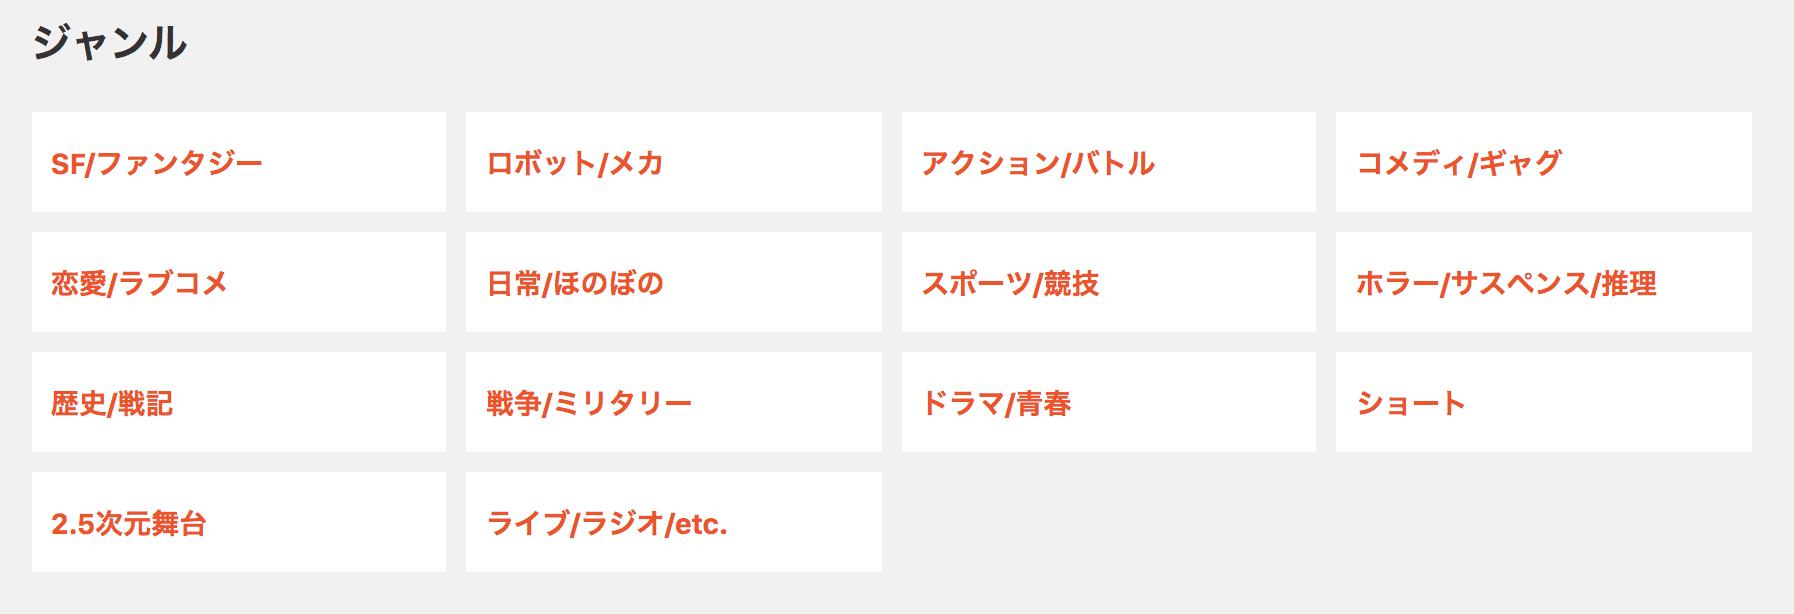 dアニメストアジャンル